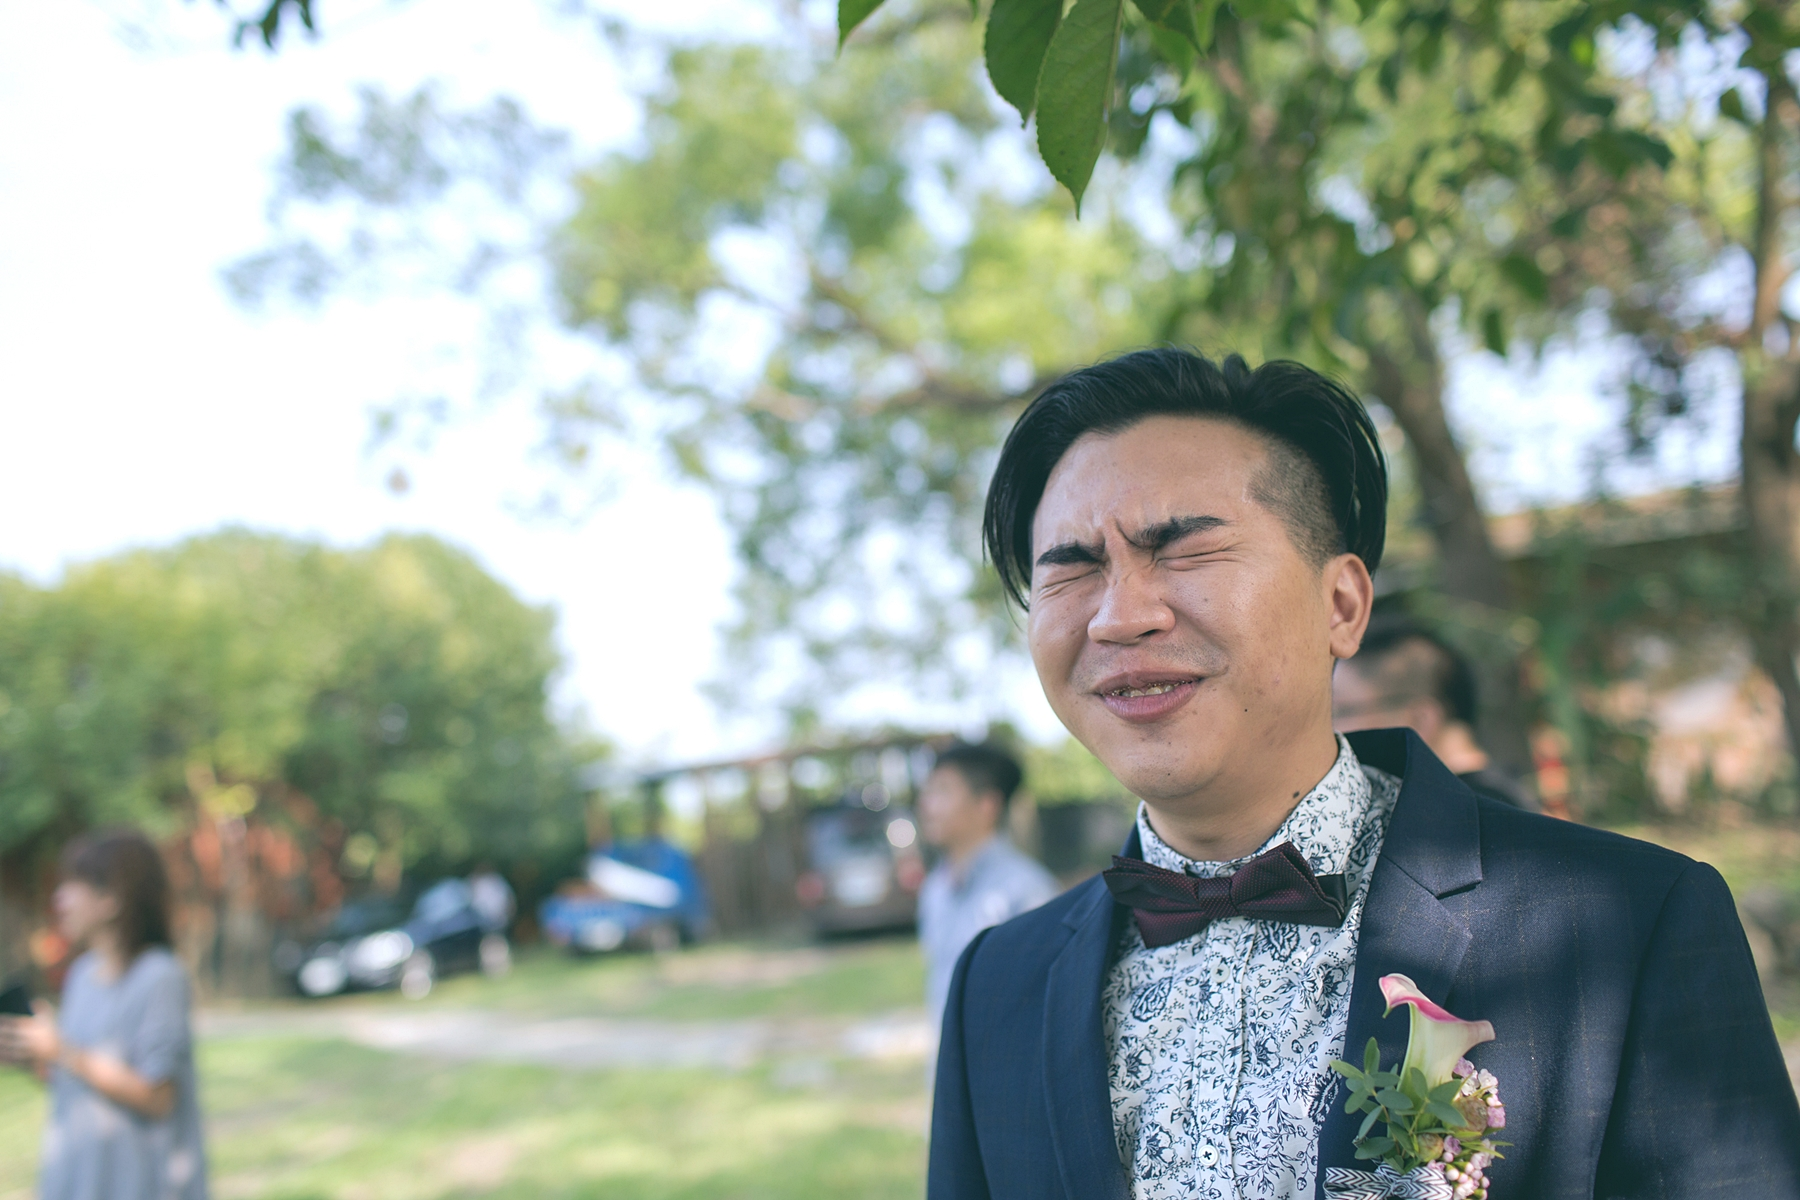 婚禮攝影,婚攝,婚禮記錄,高雄,六龜,山水炎民宿,戶外婚禮,底片風格,自然